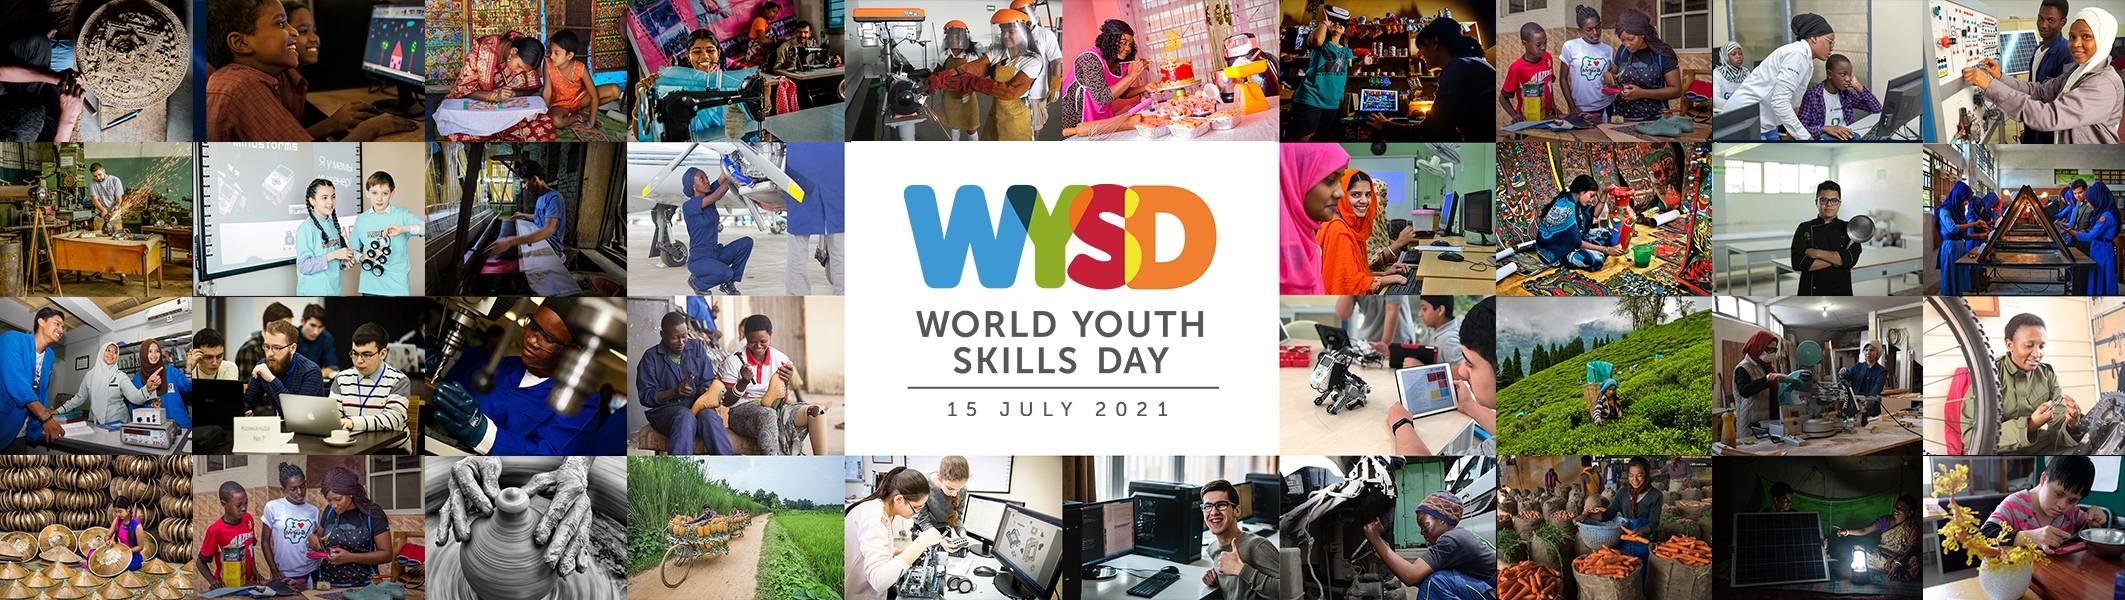 Verdensdagen for ungdomsferdigheter